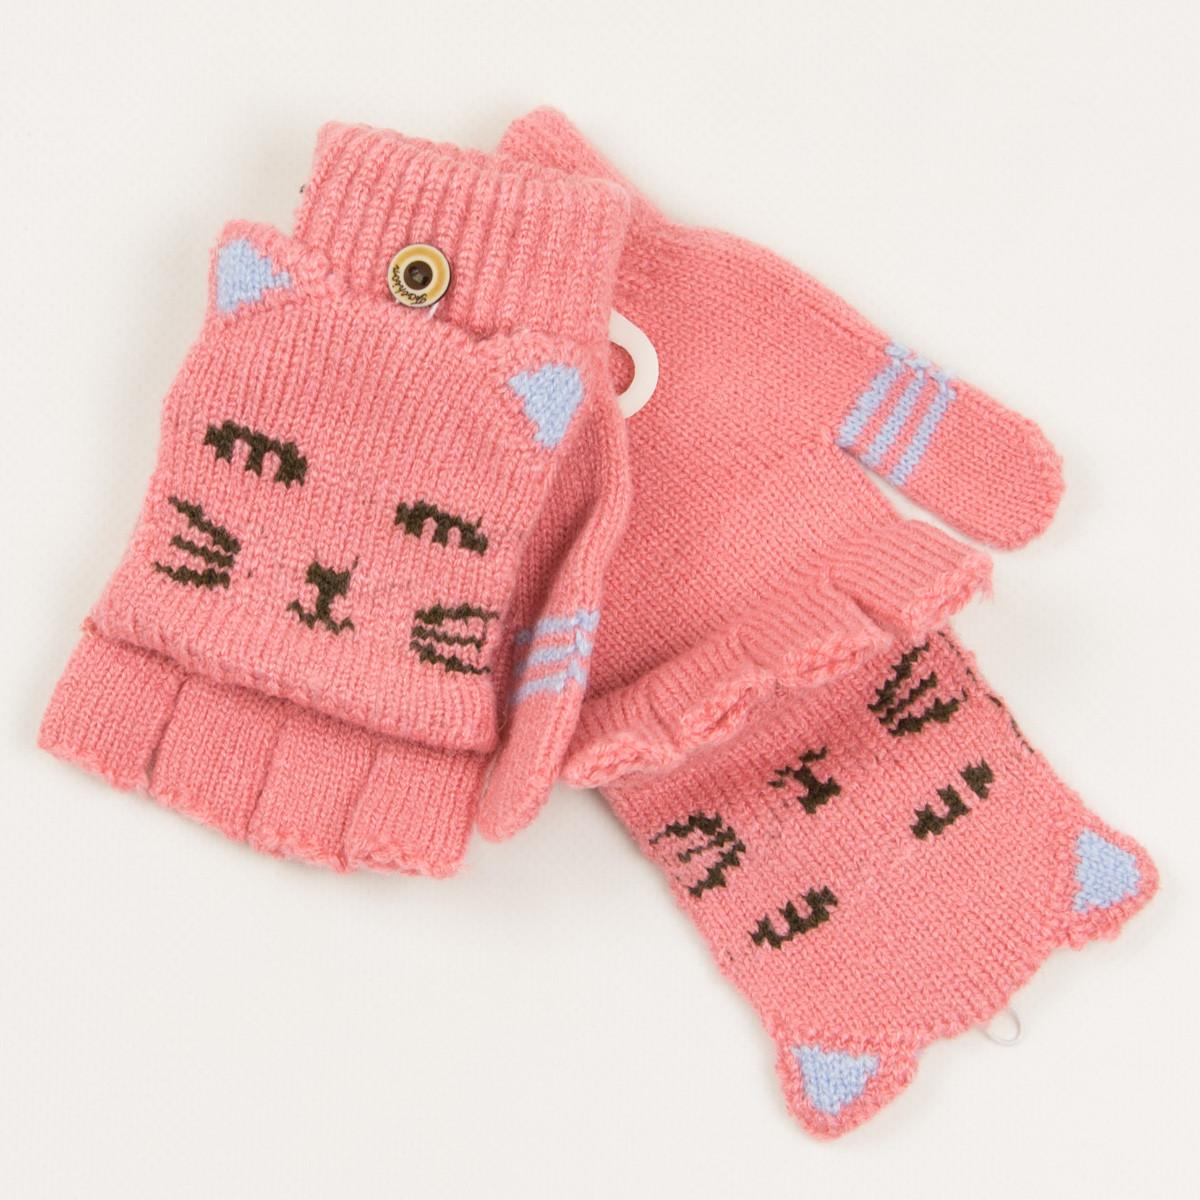 Митенки с накидкой для девочек возраста 5-8 лет - 19-7-48 - Розовый